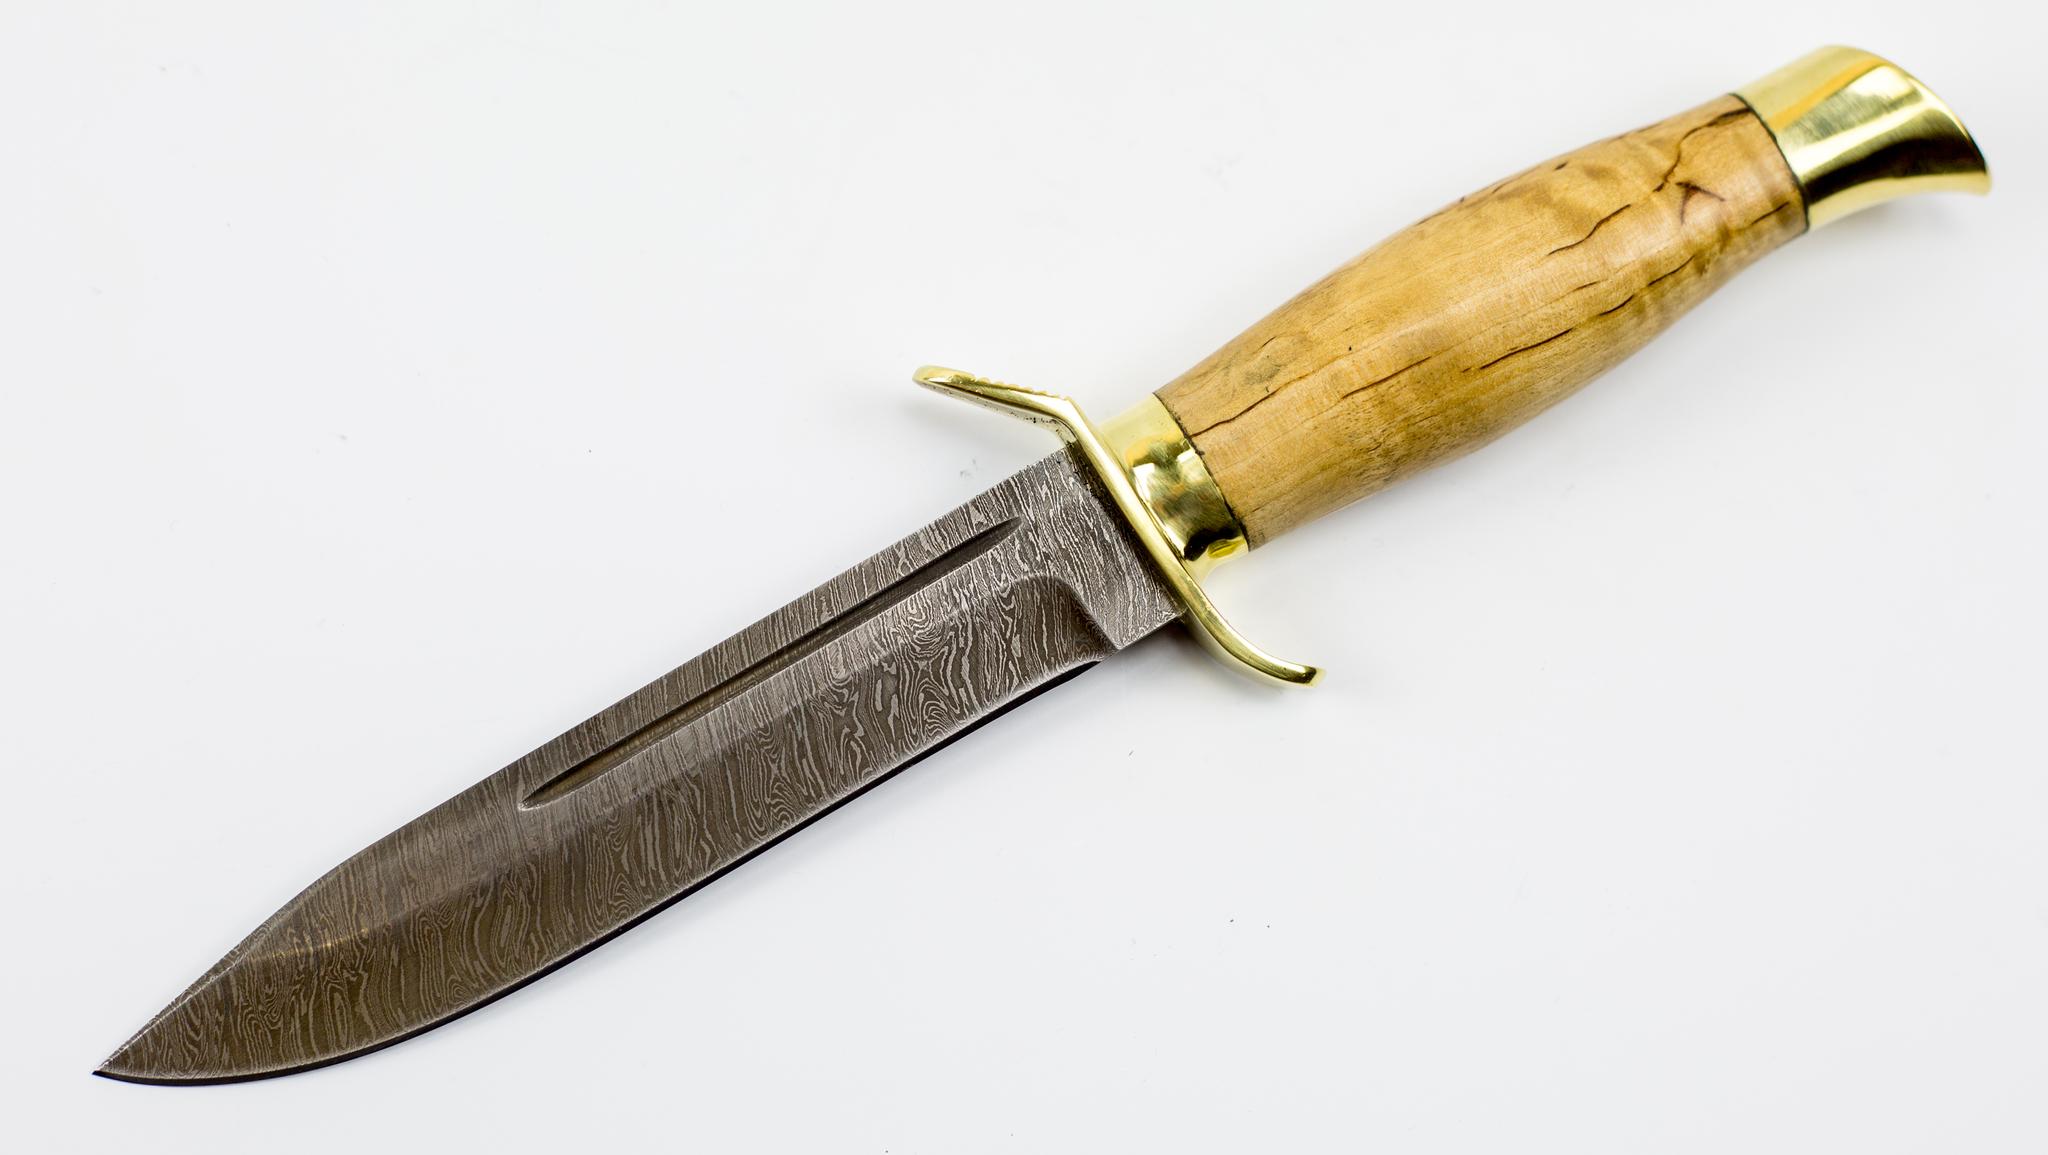 Нож НР-40 дамаск, карельская березаНожи Ворсма<br>Модель: НР-40Сталь клинка: ДамаскМатериал гарды:ЛатуньМатериал рукояти: Карельская березаТвердость клинка (HRC): 62Общая длина (мм): 270Длина клинка (мм): 150Длина рукояти (мм): 117Ширина клинка (мм): 24Толщина рукояти (мм): 23Толщина обуха (мм): 2,4<br>Смотреть все ножи разведчика НР и финки НКВД.<br>